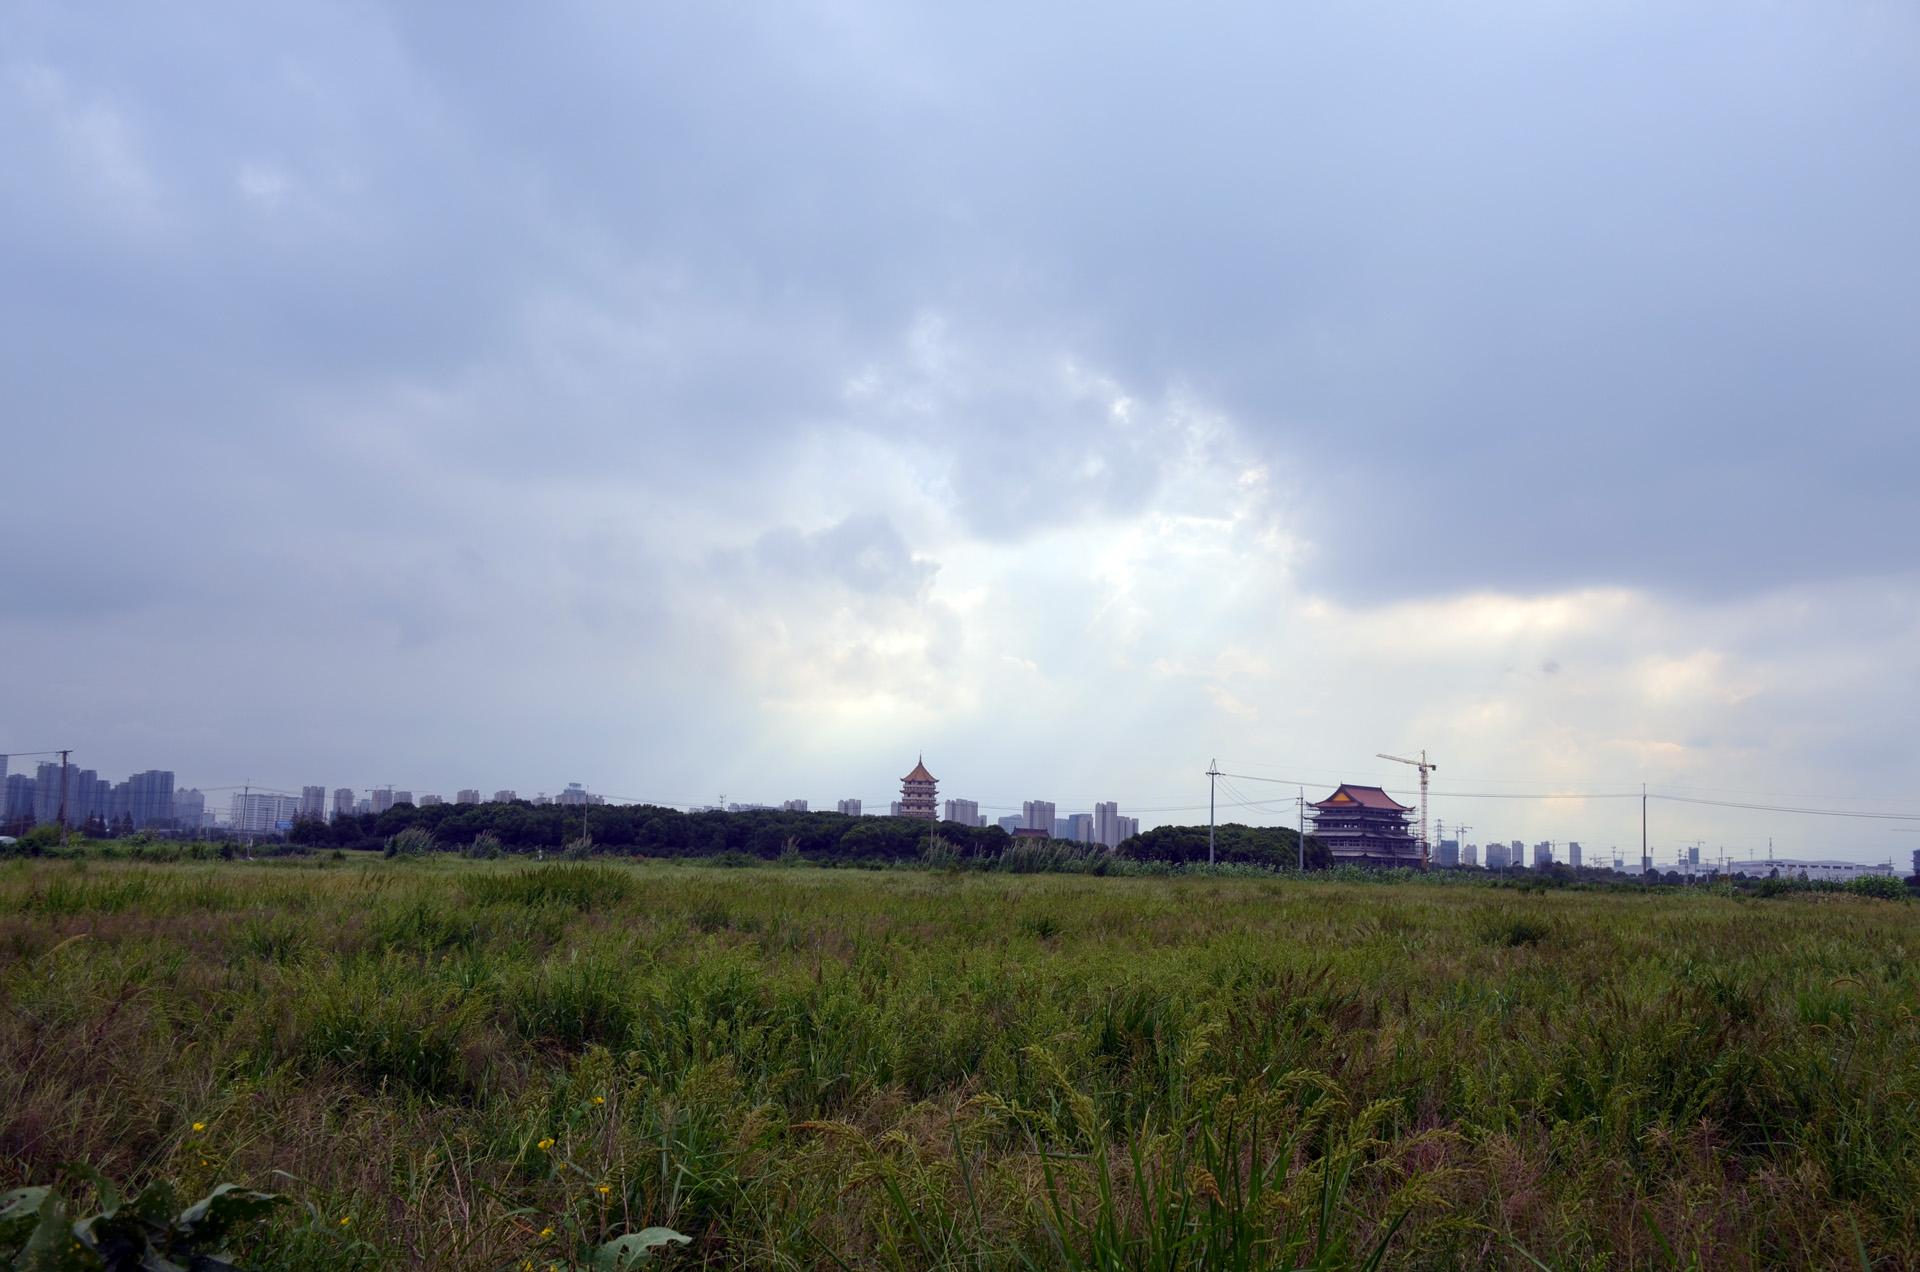 远景多角度太仓海天禅寺红庙的宏伟和江南缥缈正在建设的后殿 这里是太仓 摄影 第19张